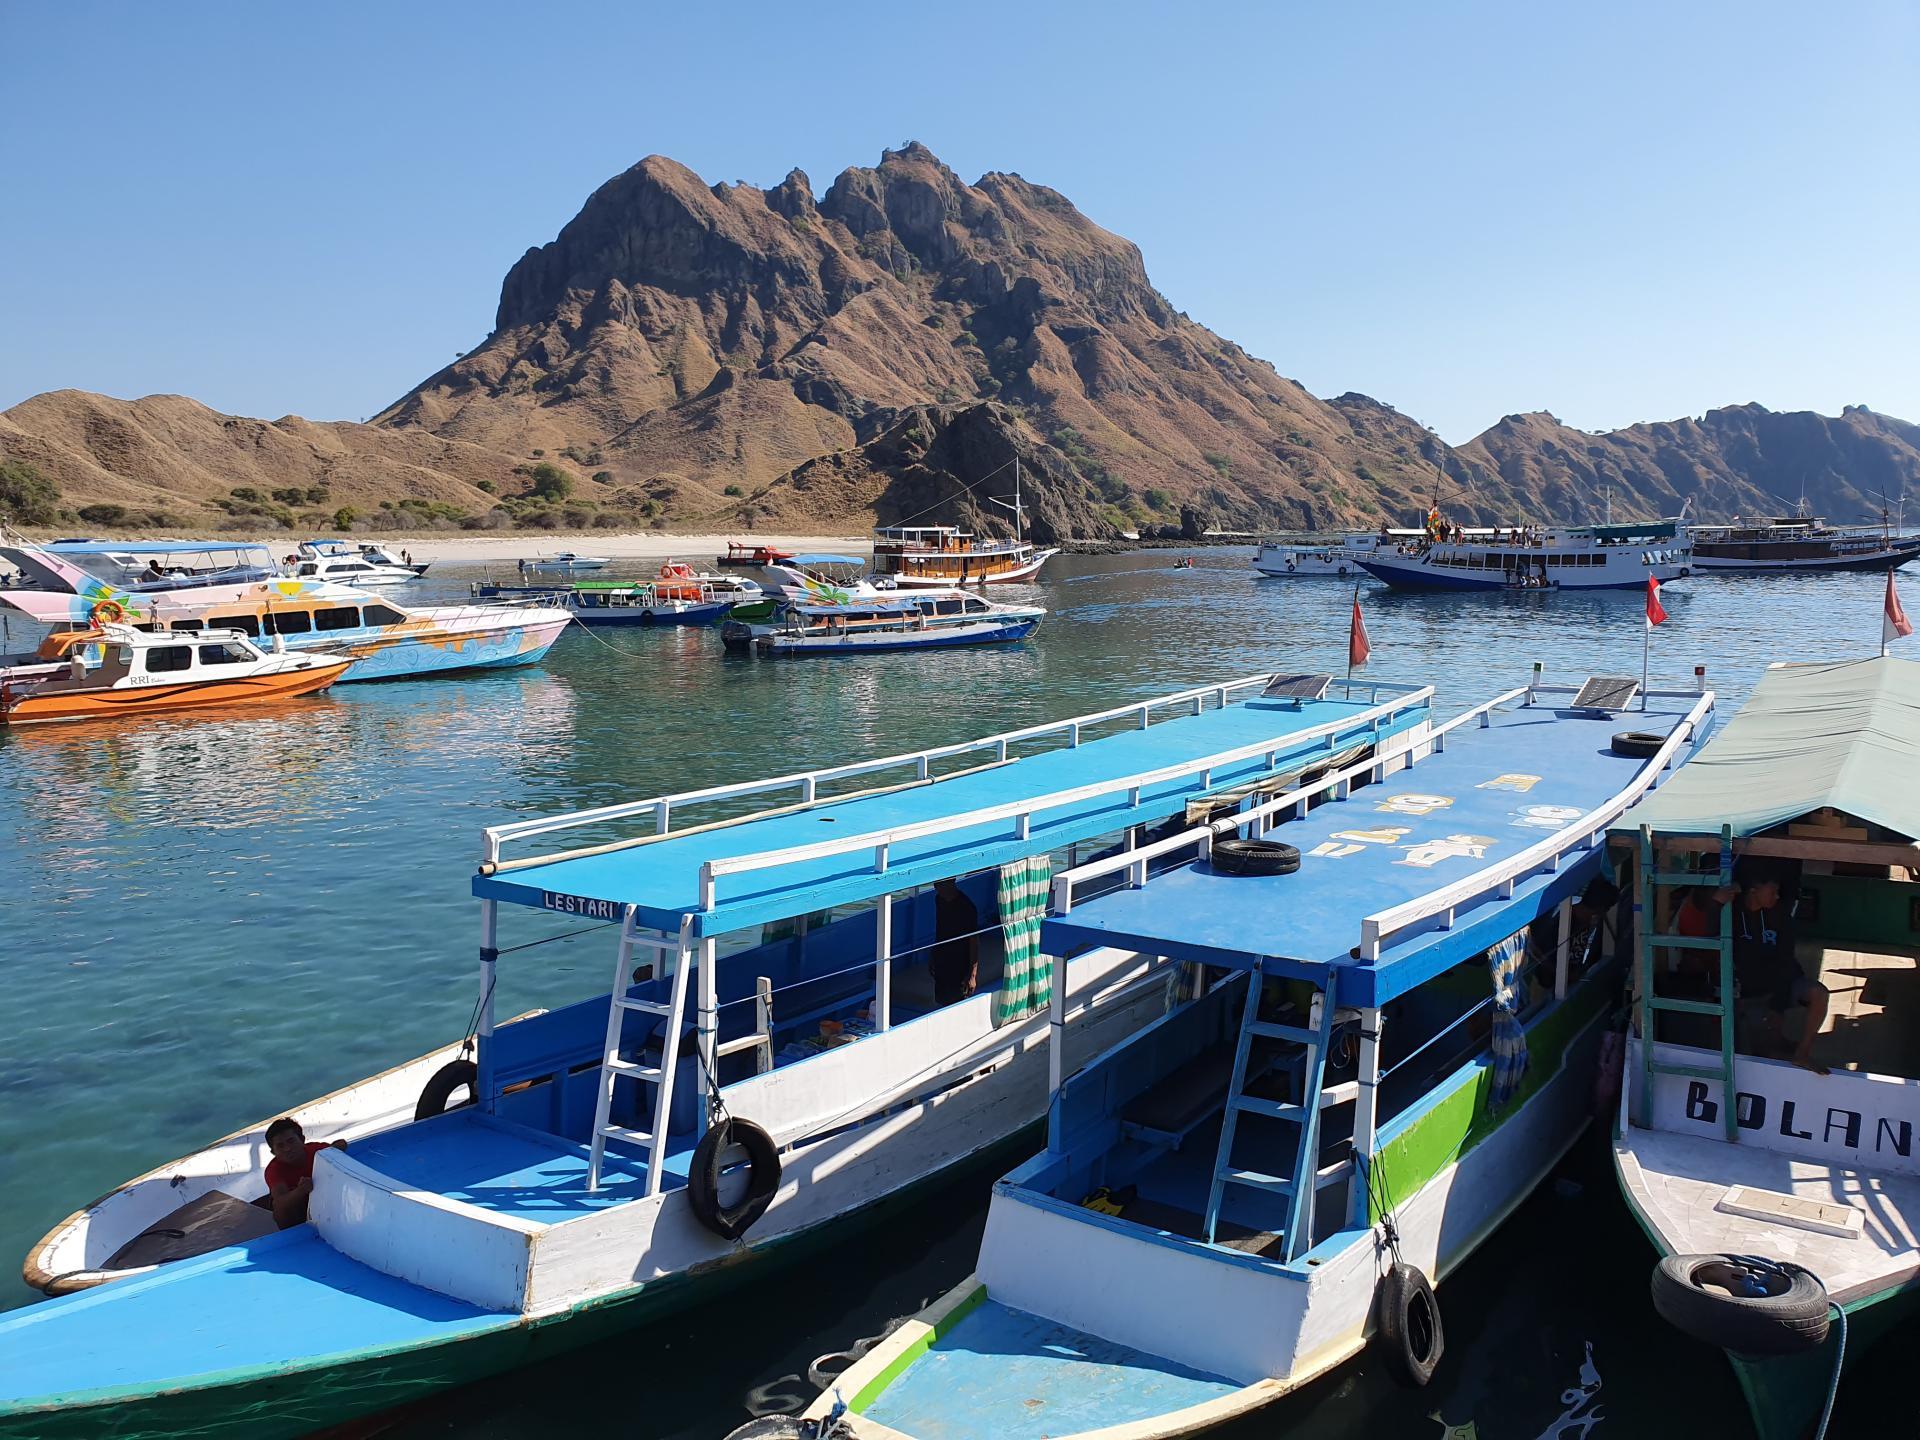 бухта с кораблями на острове Падар, Индонезия